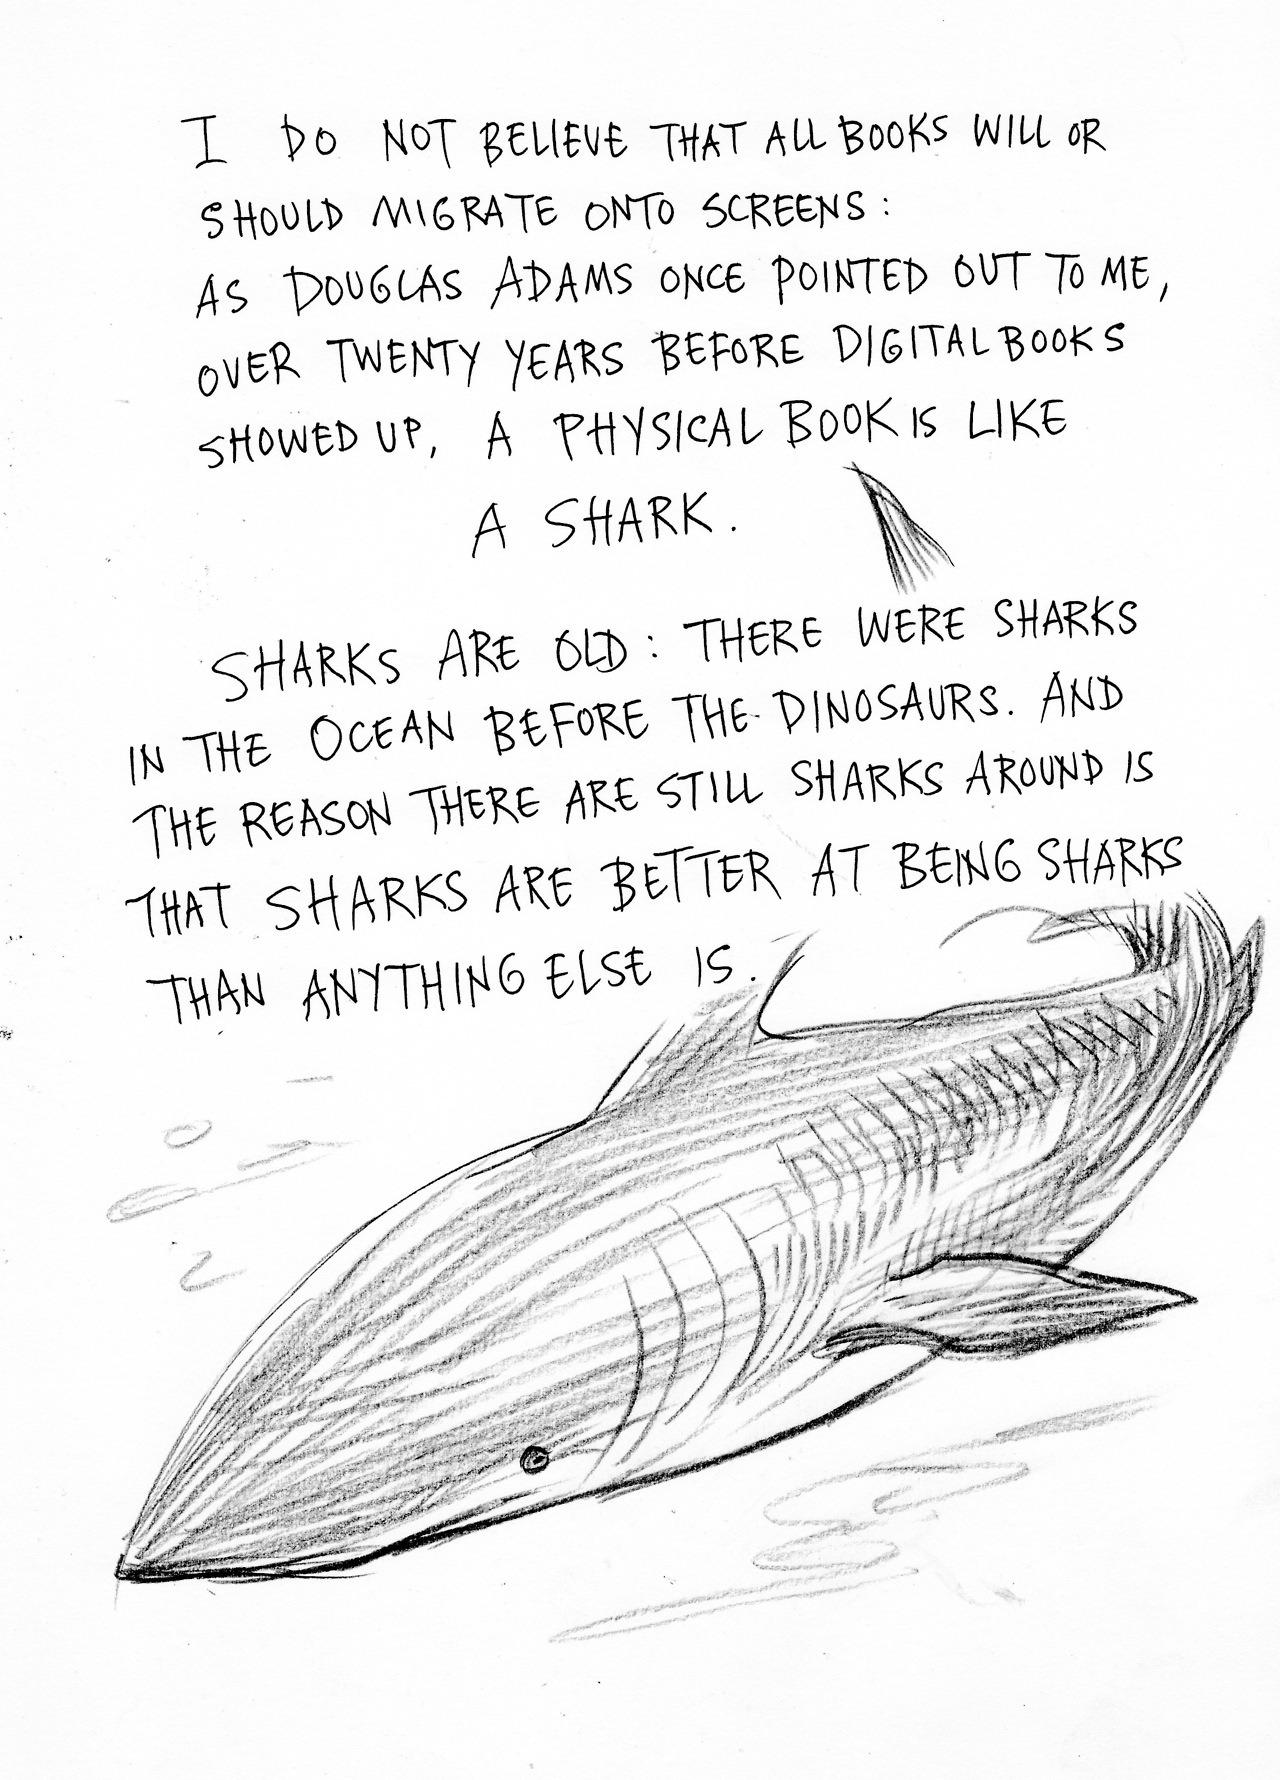 Bücher sind wie Haie. Haie sind alt. Es hat Haie im Meer gegeben bevor es Dinosaurier gab. Und der Grund warum es immer noch Haie gibt, ist, dass Haie besser darin sind Haie zu sein als irgendetwas anderes es ist.